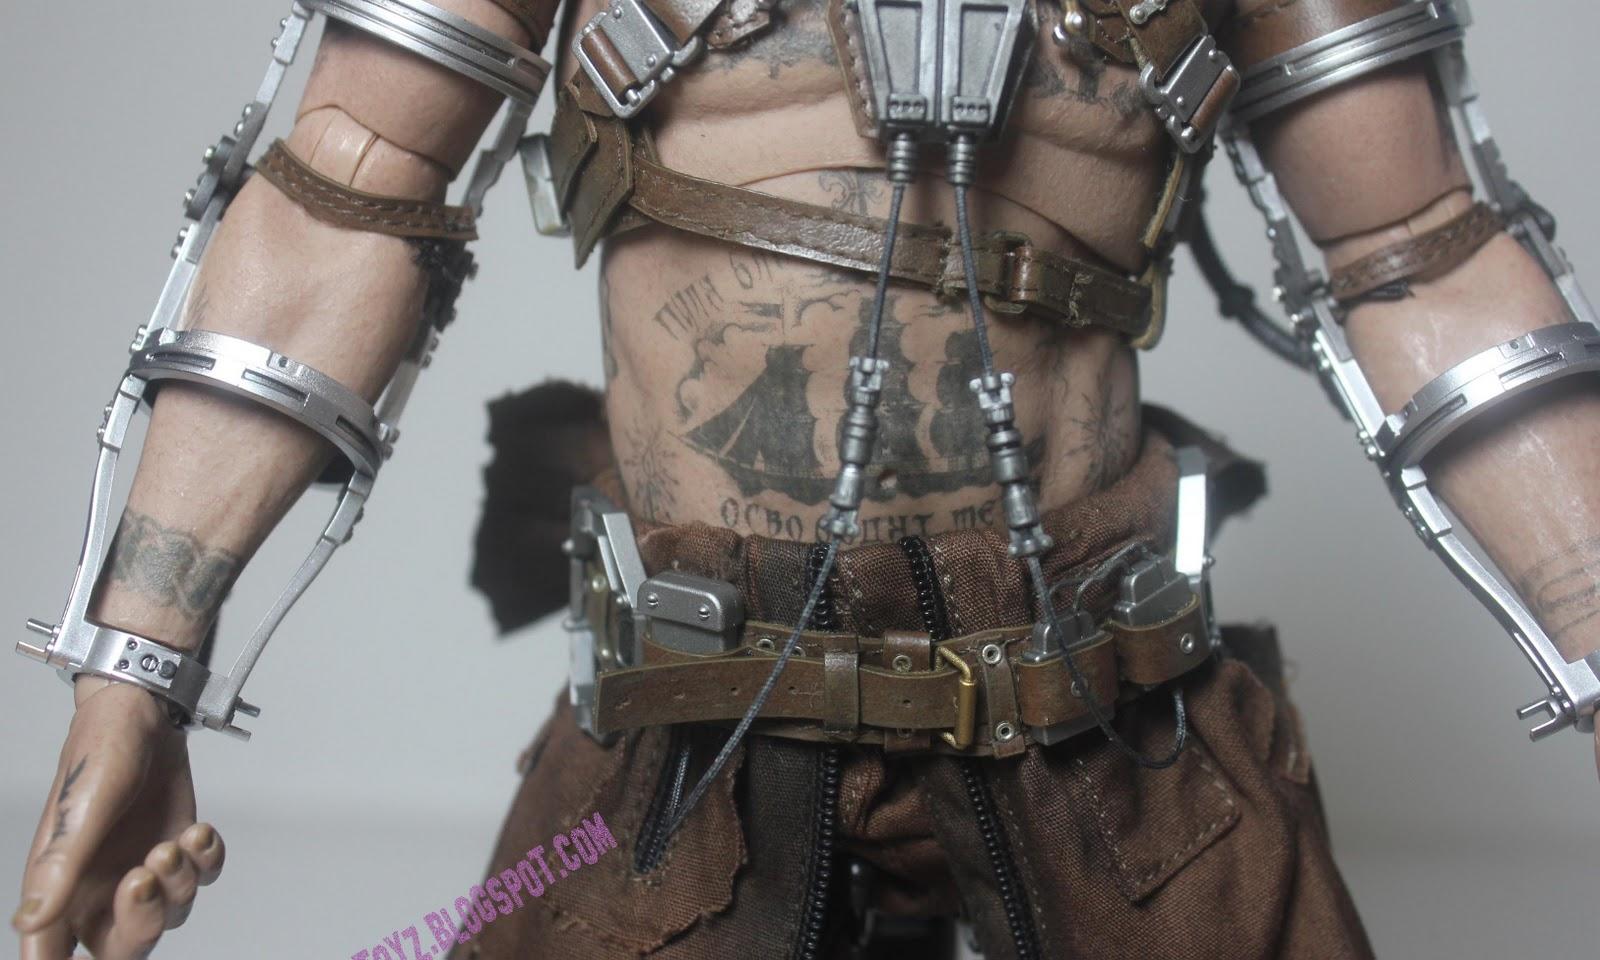 http://1.bp.blogspot.com/-hDZnjzIt4qM/TVWG8mSOrHI/AAAAAAAAAkM/Wpe8s_EZ_0A/s1600/tattoo%2Badoman.jpg